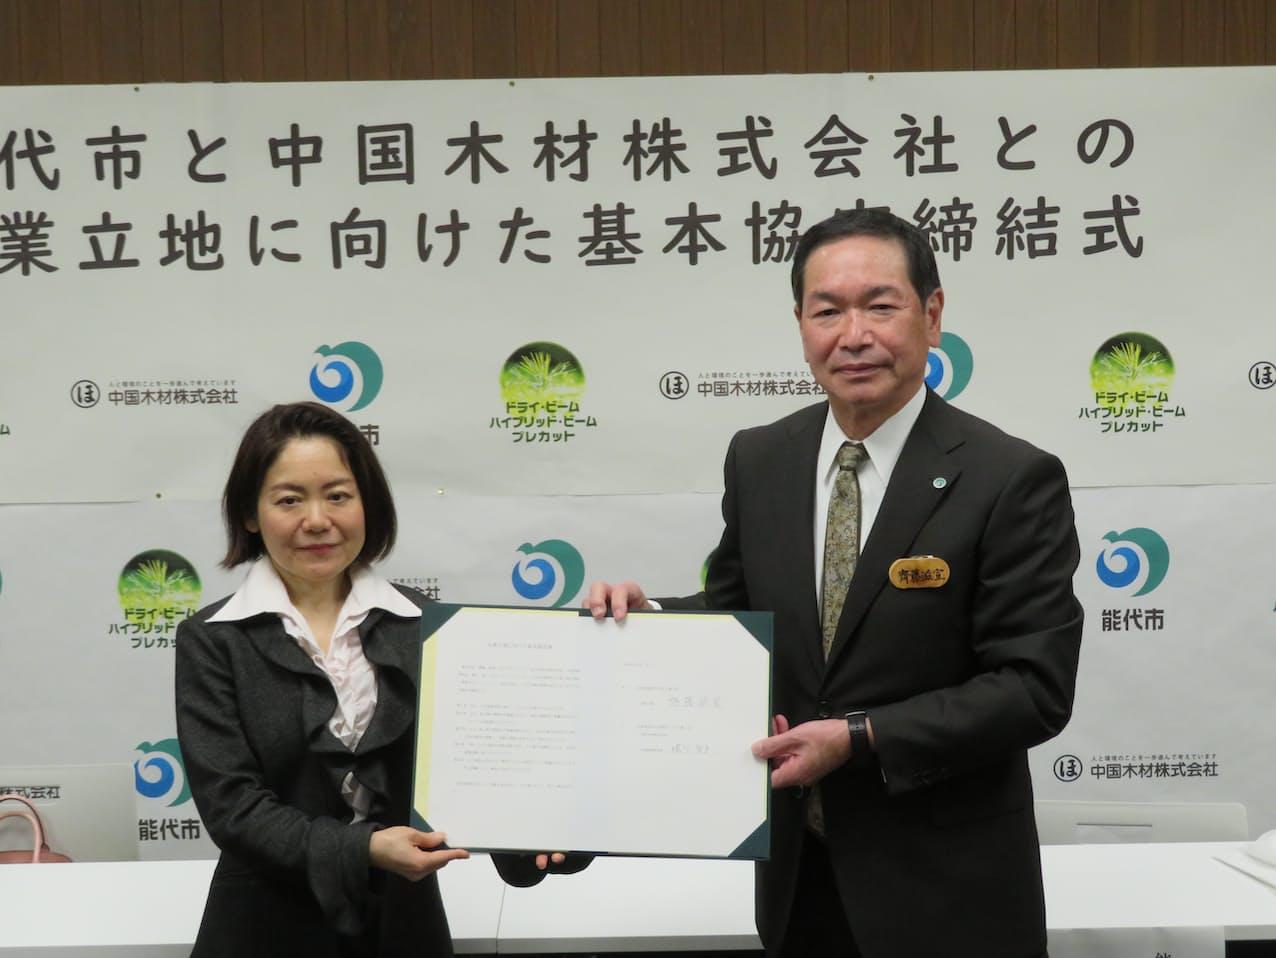 中国木材は秋田県能代市に新工場を建設する(7日、能代市役所)